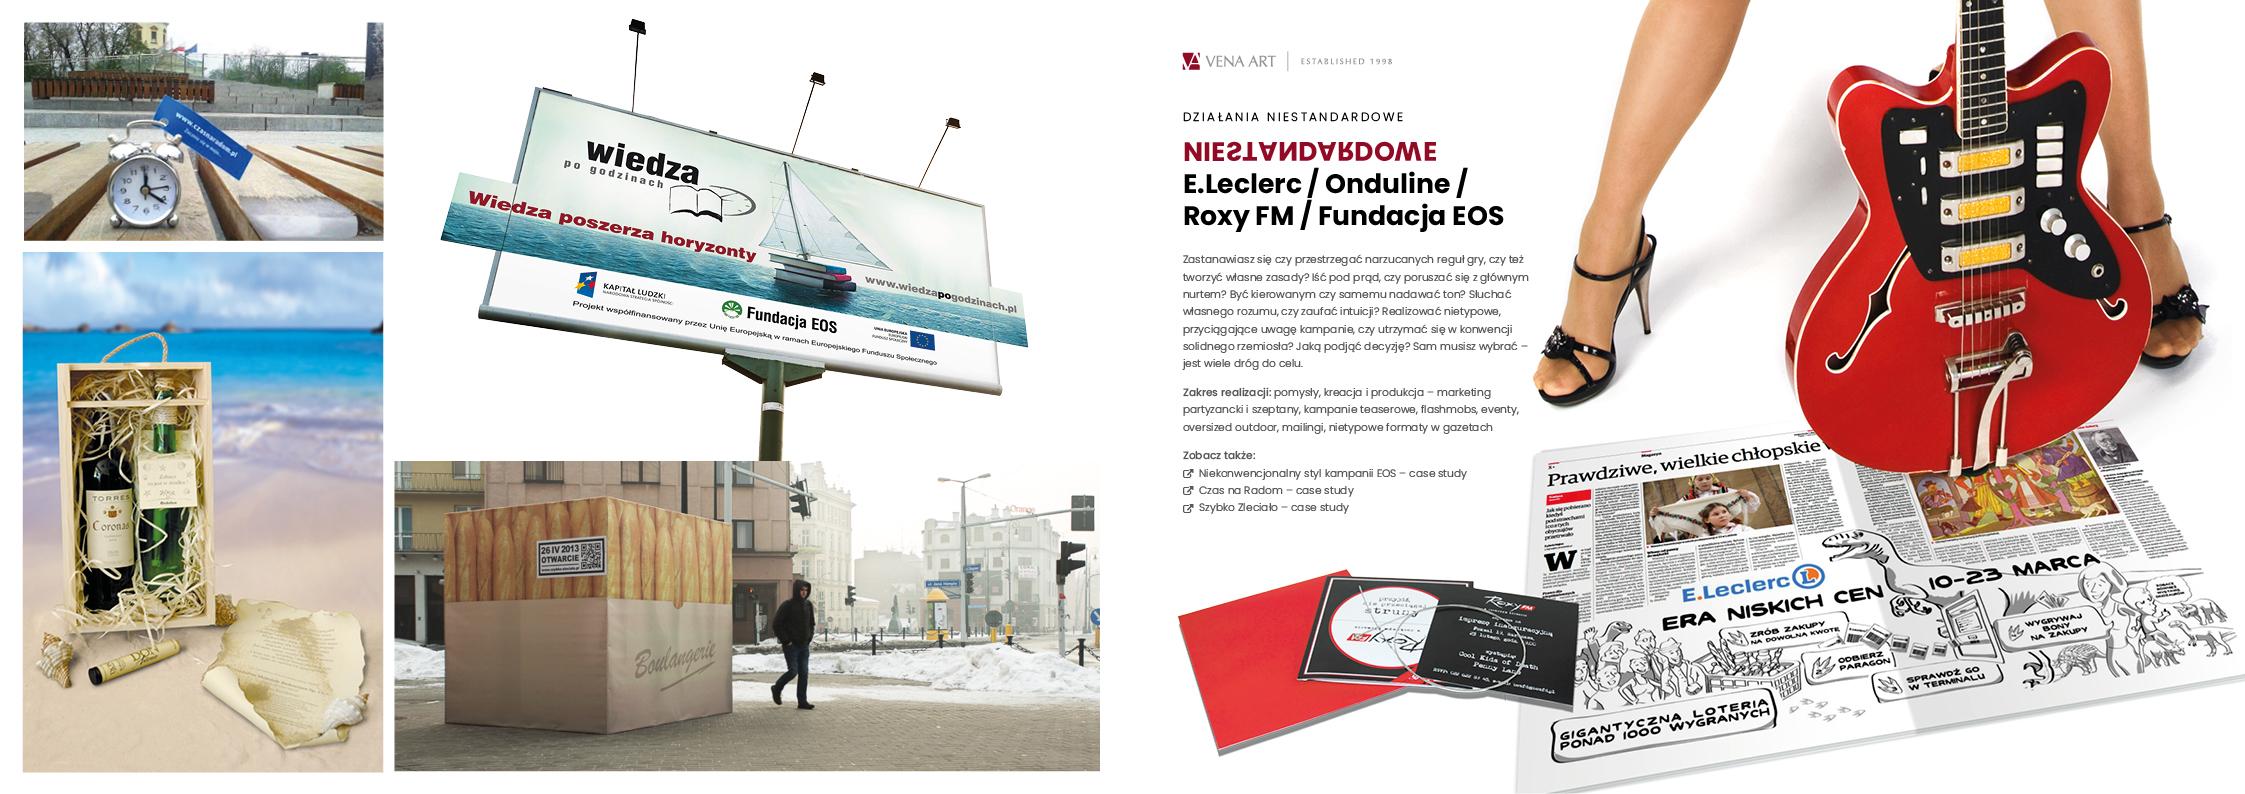 NIESTANDARDOWE —E.Leclerc / Onduline / Roxy FM / Fundacja EOS